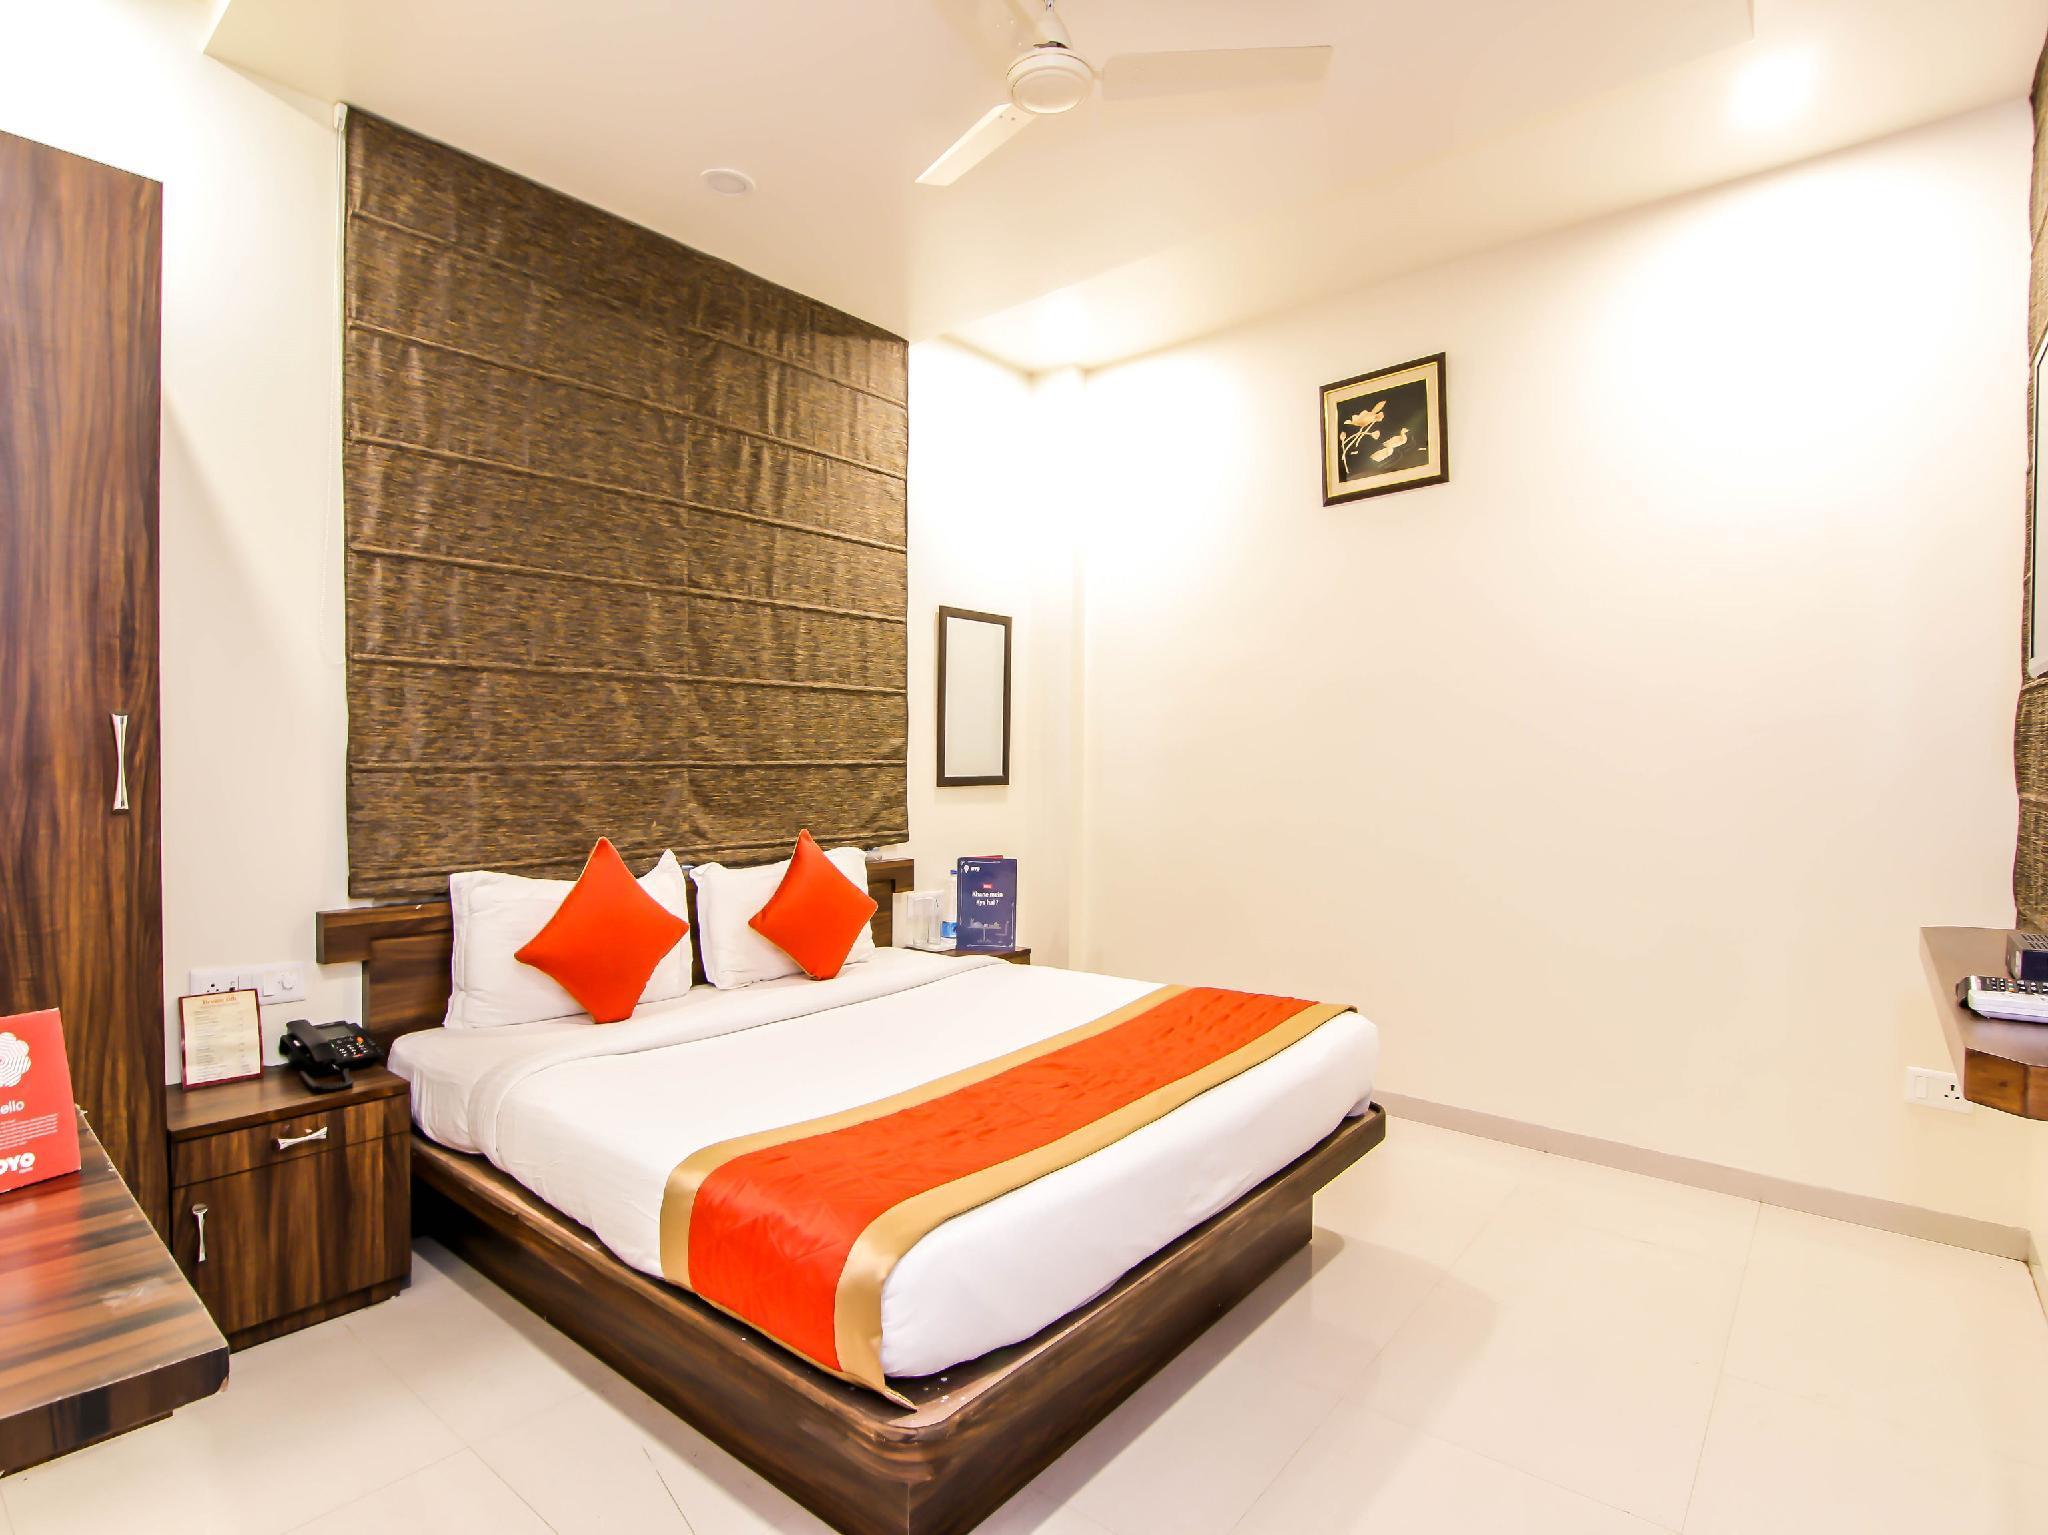 OYO 6795 Dream Inn